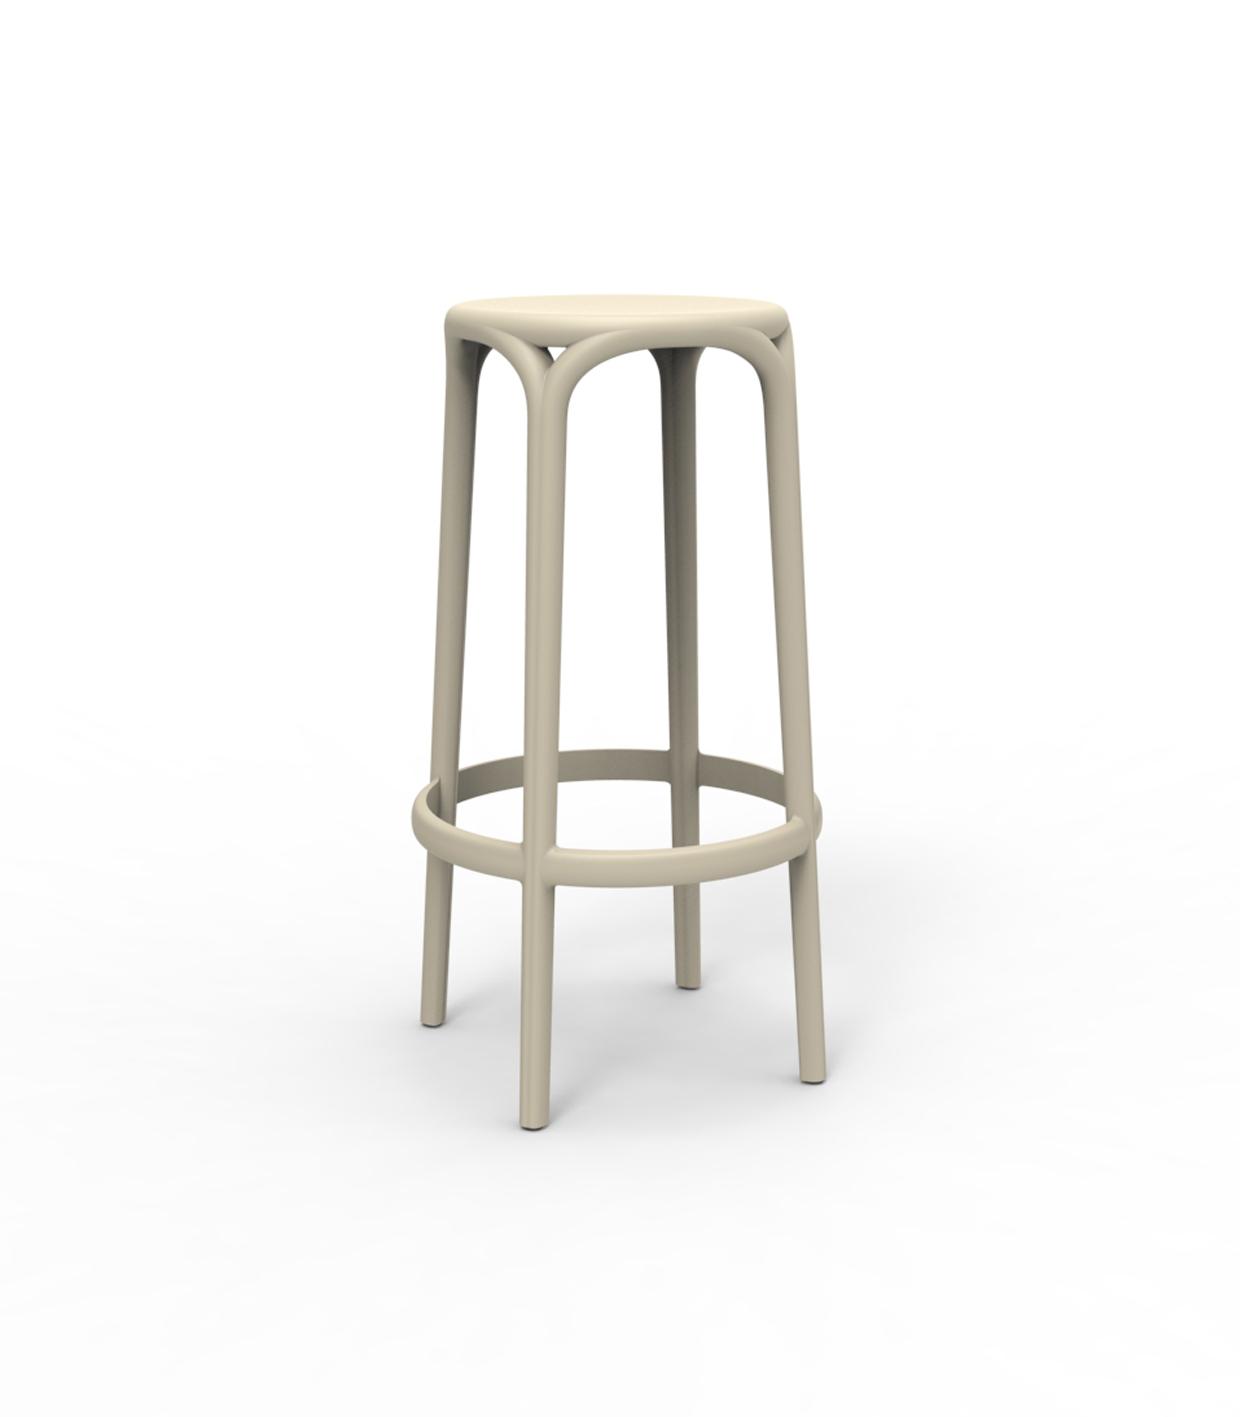 Alquiler Muebles Idea Creativa Della Casa E Dell Interior Design # Muebles Merkamueble Dodro